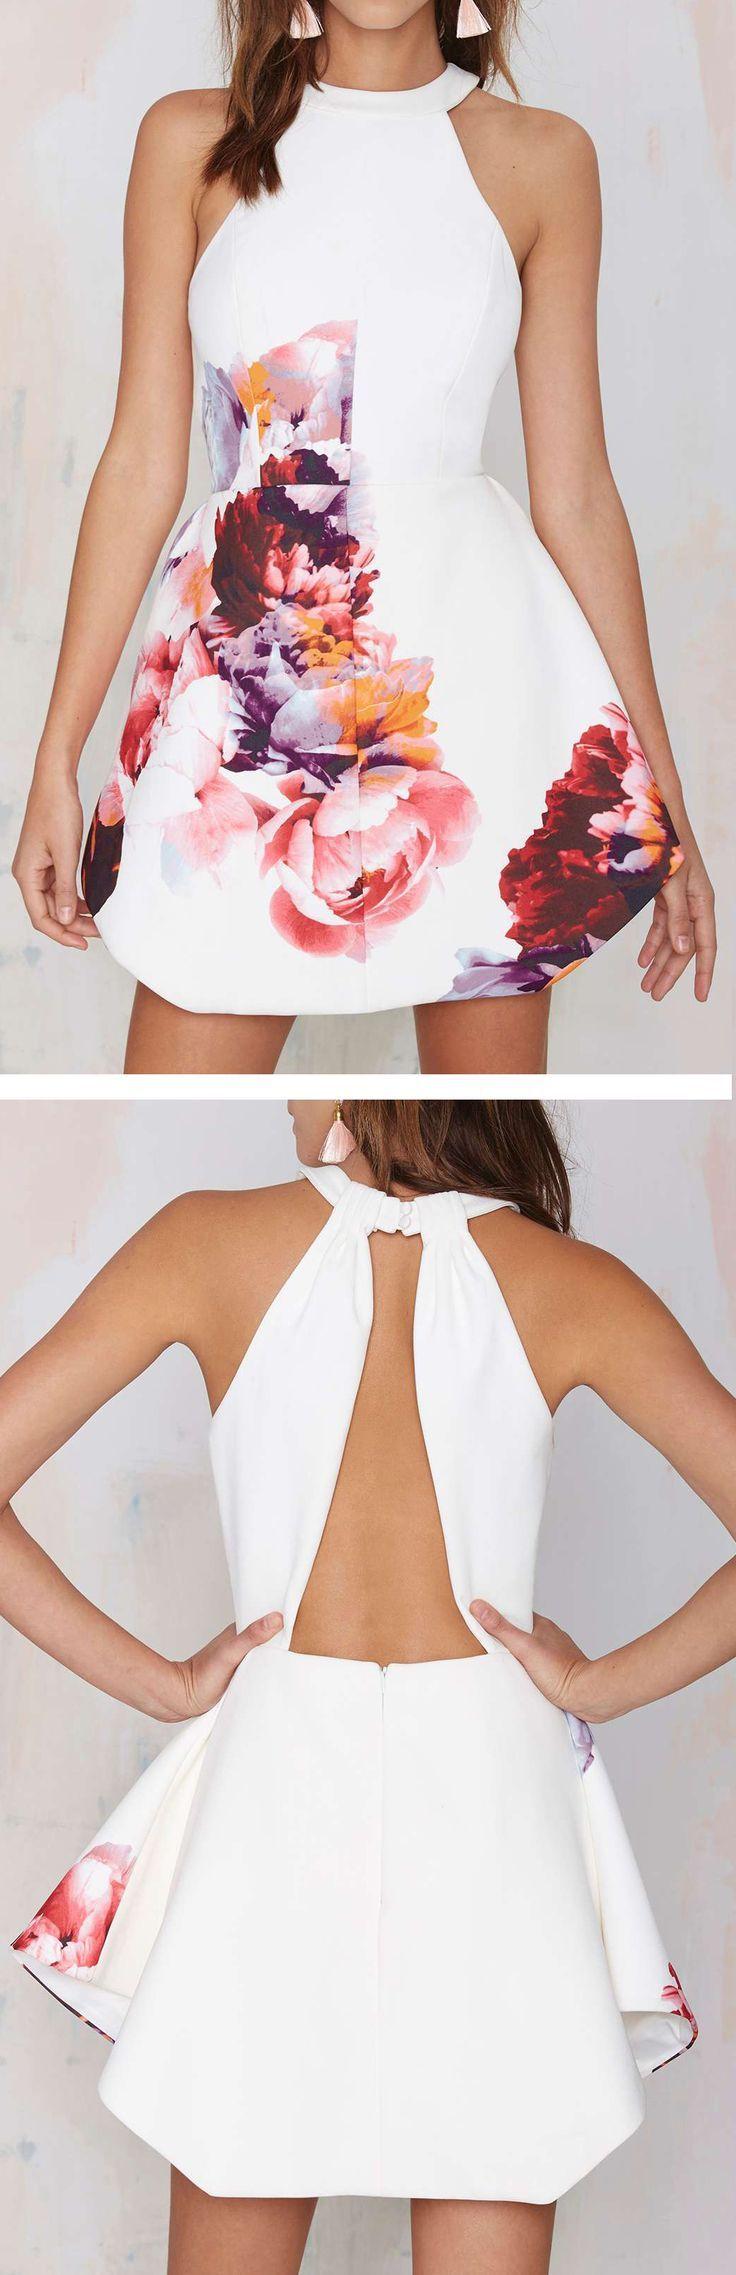 Keepsake To the End Floral Dress #dress #floral